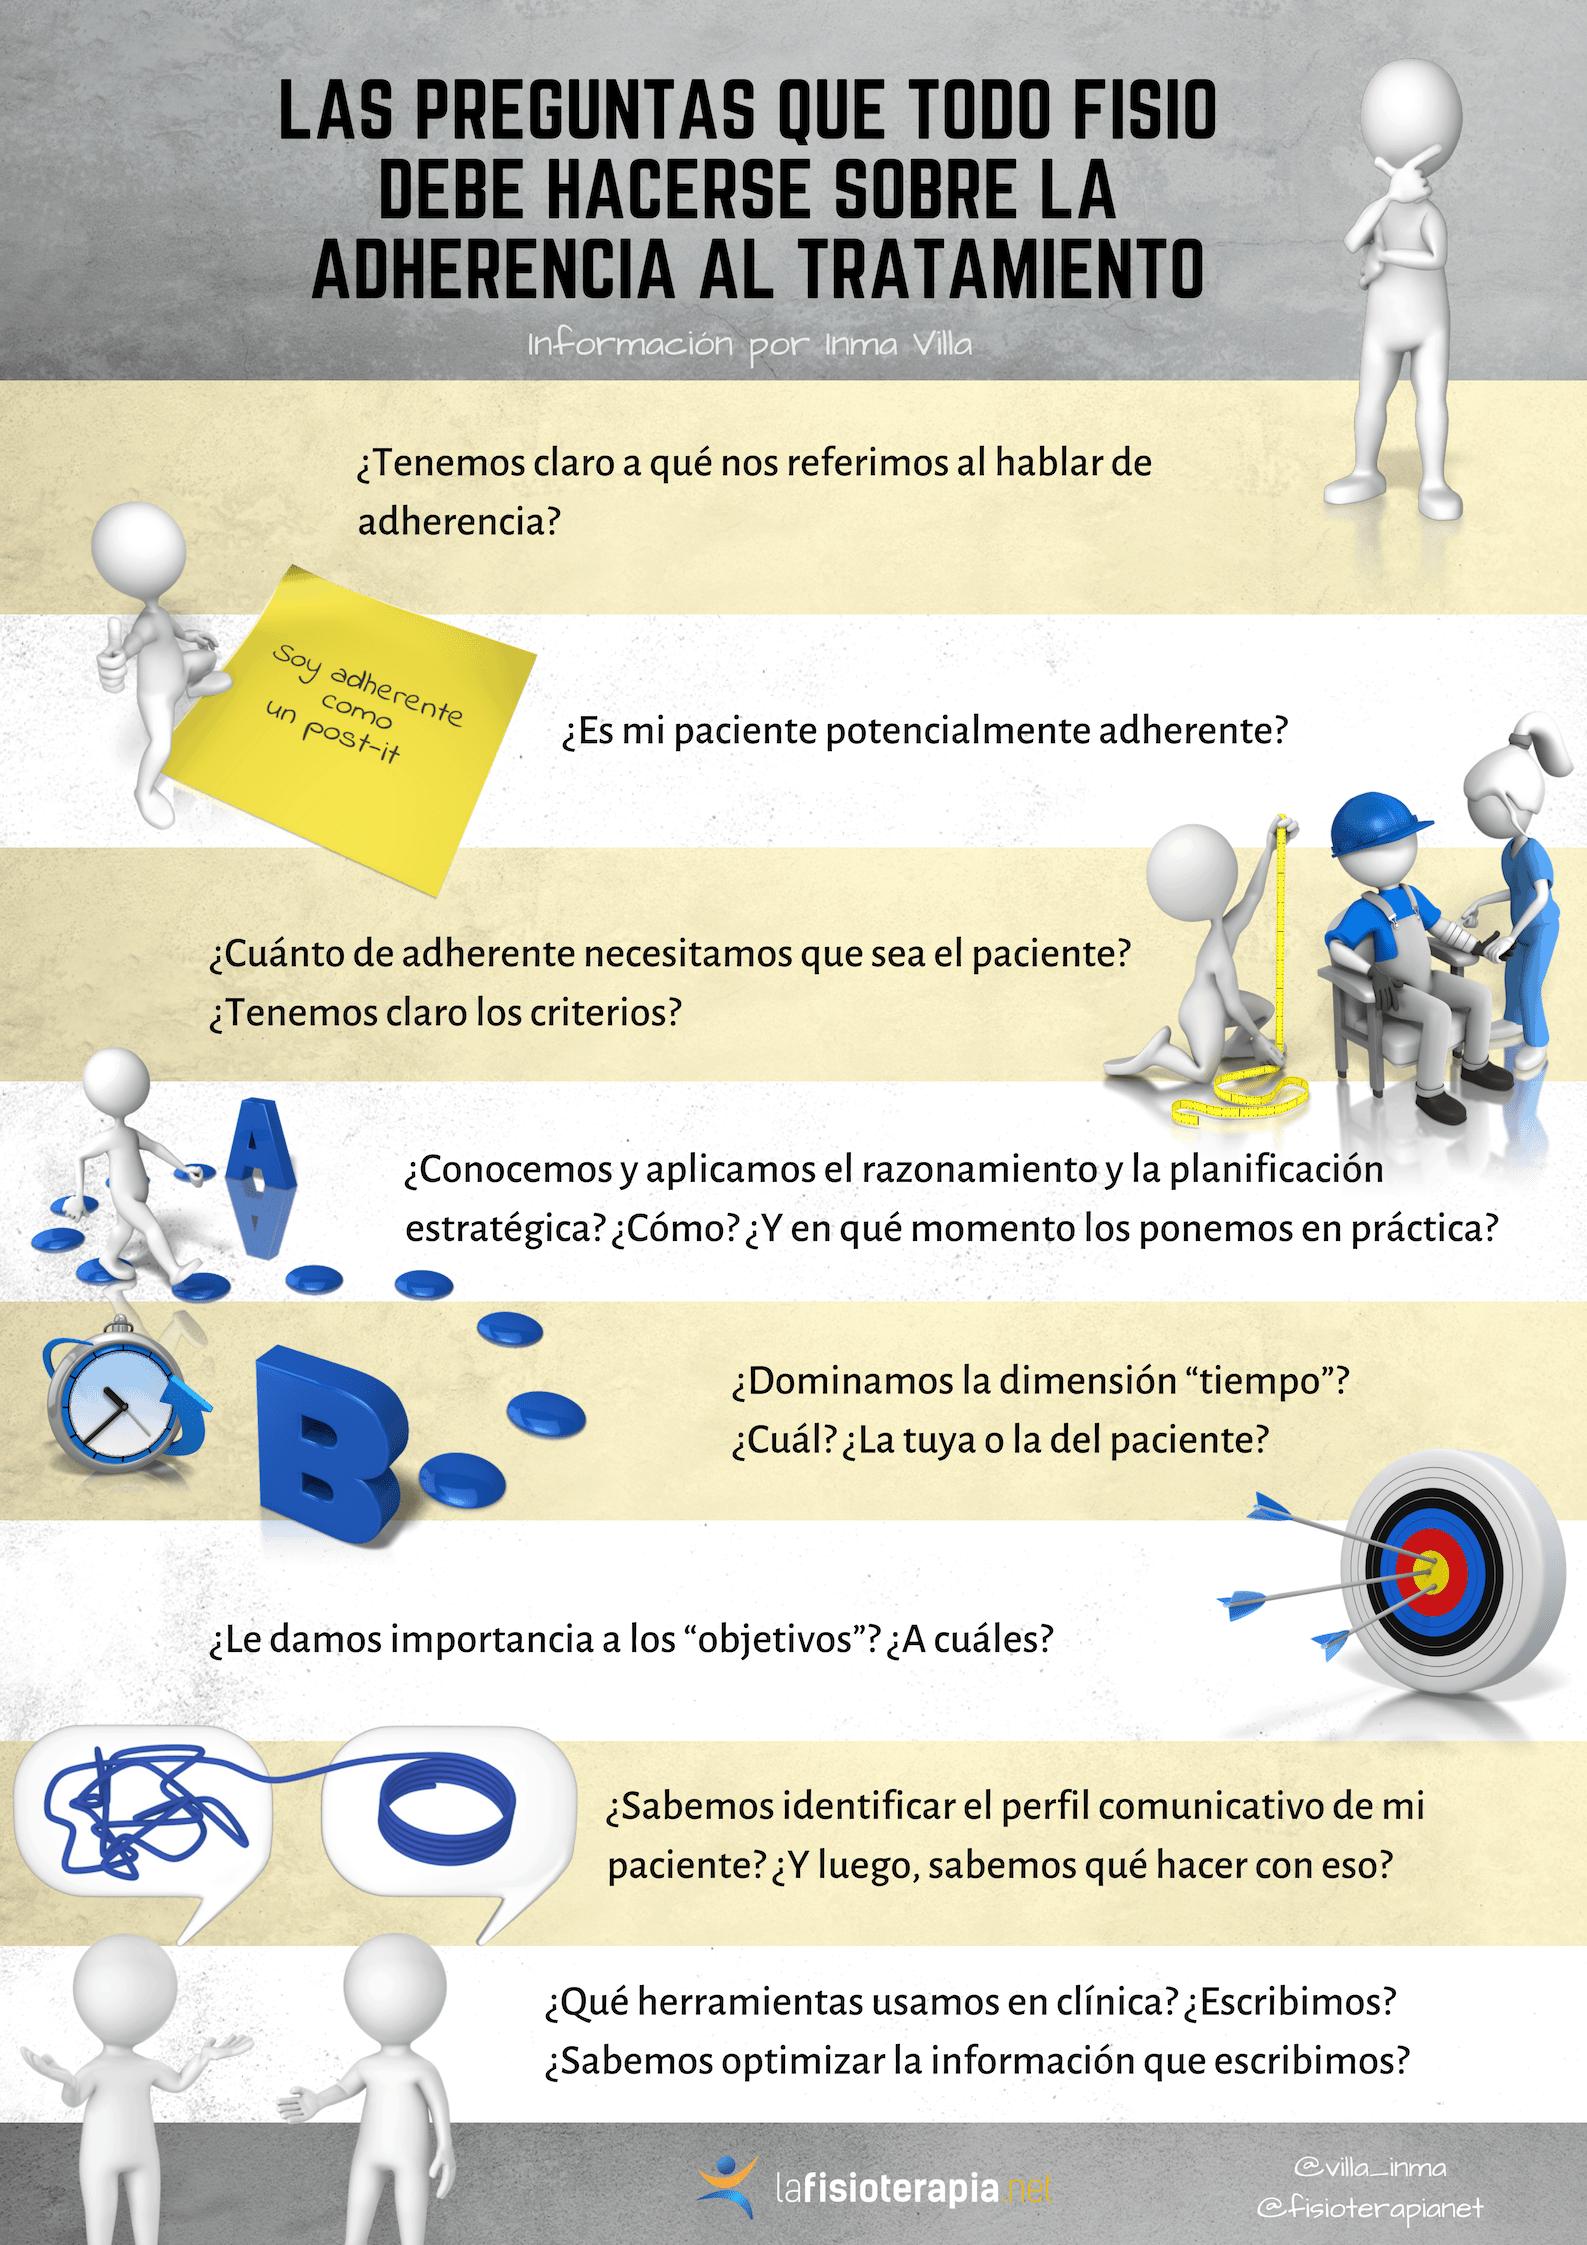 Preguntas del fisioterapeuta en la adherencia a tratamiento